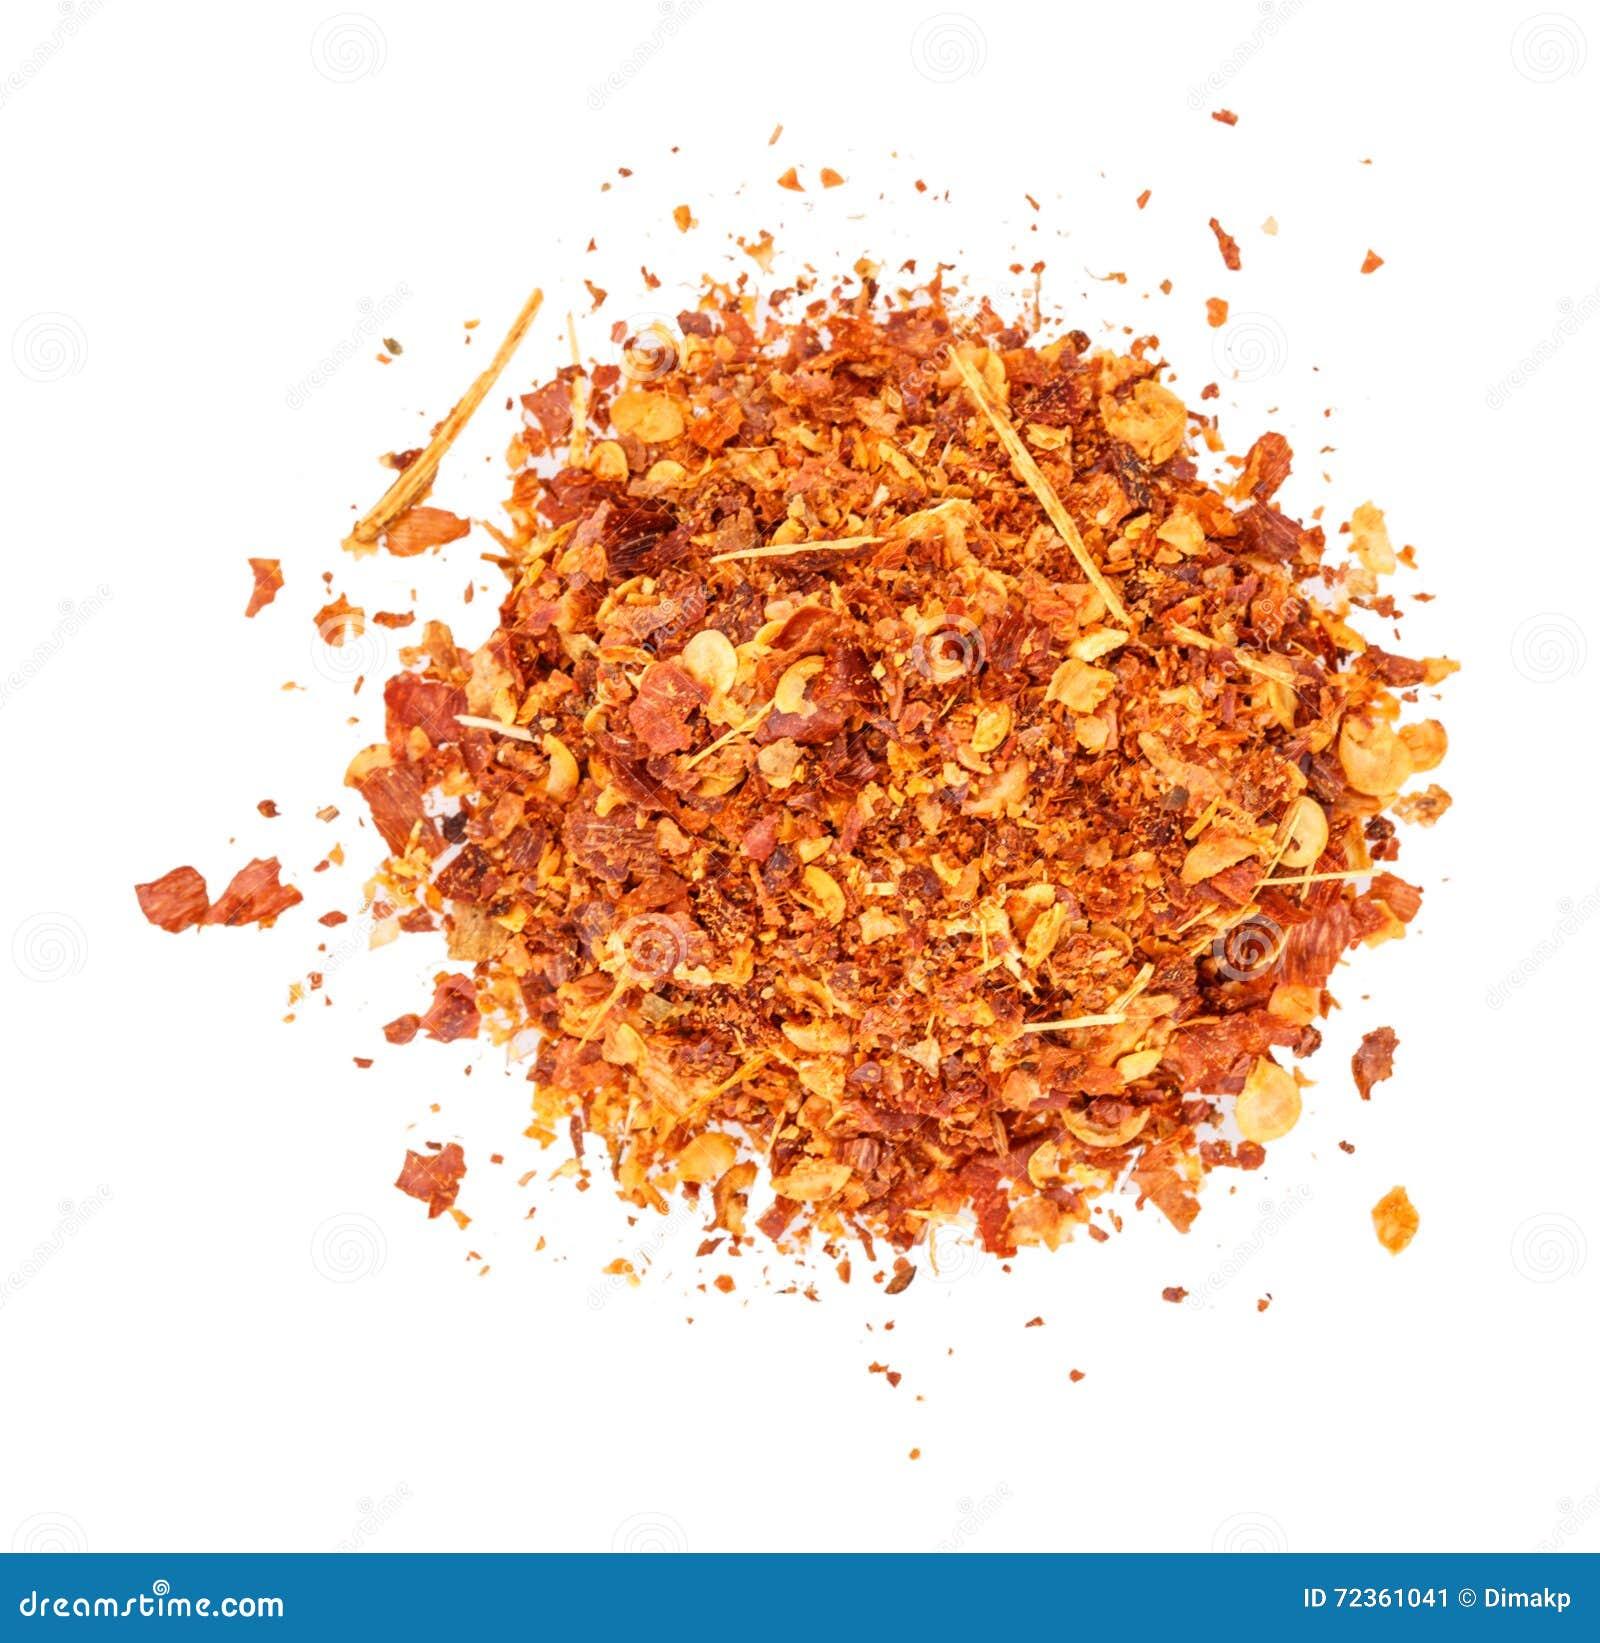 干燥胡椒的辣椒粉